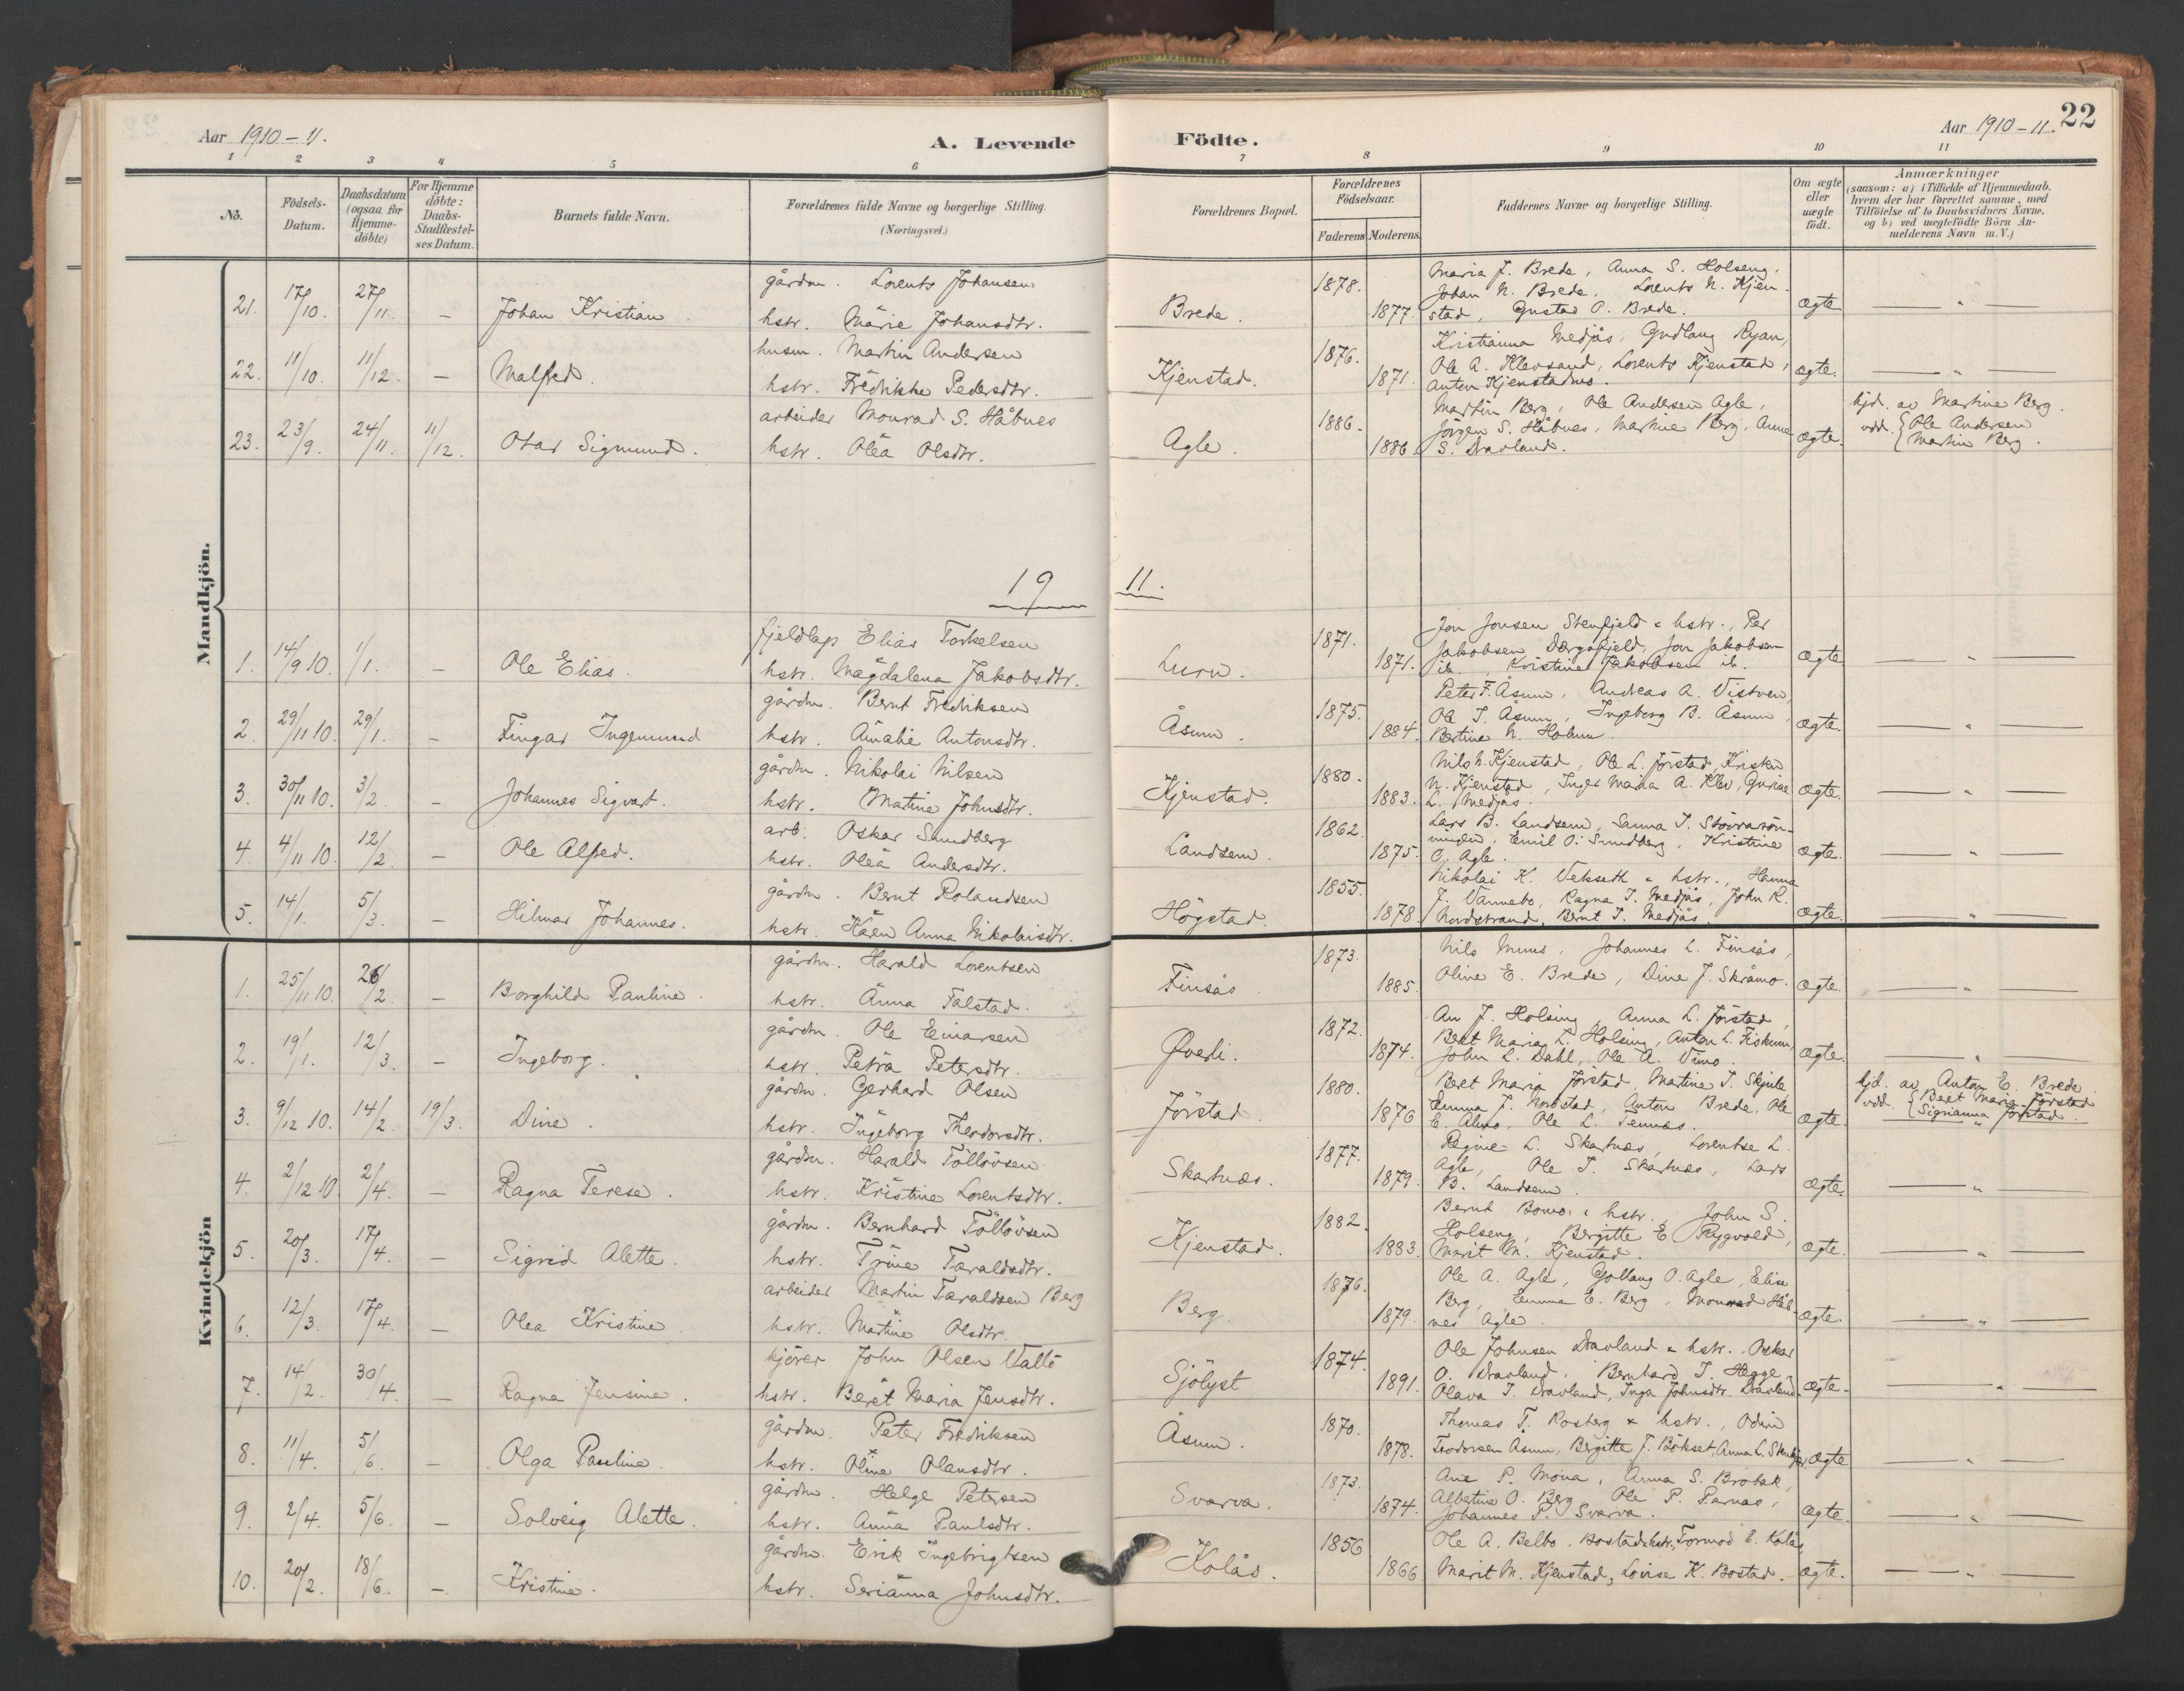 SAT, Ministerialprotokoller, klokkerbøker og fødselsregistre - Nord-Trøndelag, 749/L0477: Ministerialbok nr. 749A11, 1902-1927, s. 22